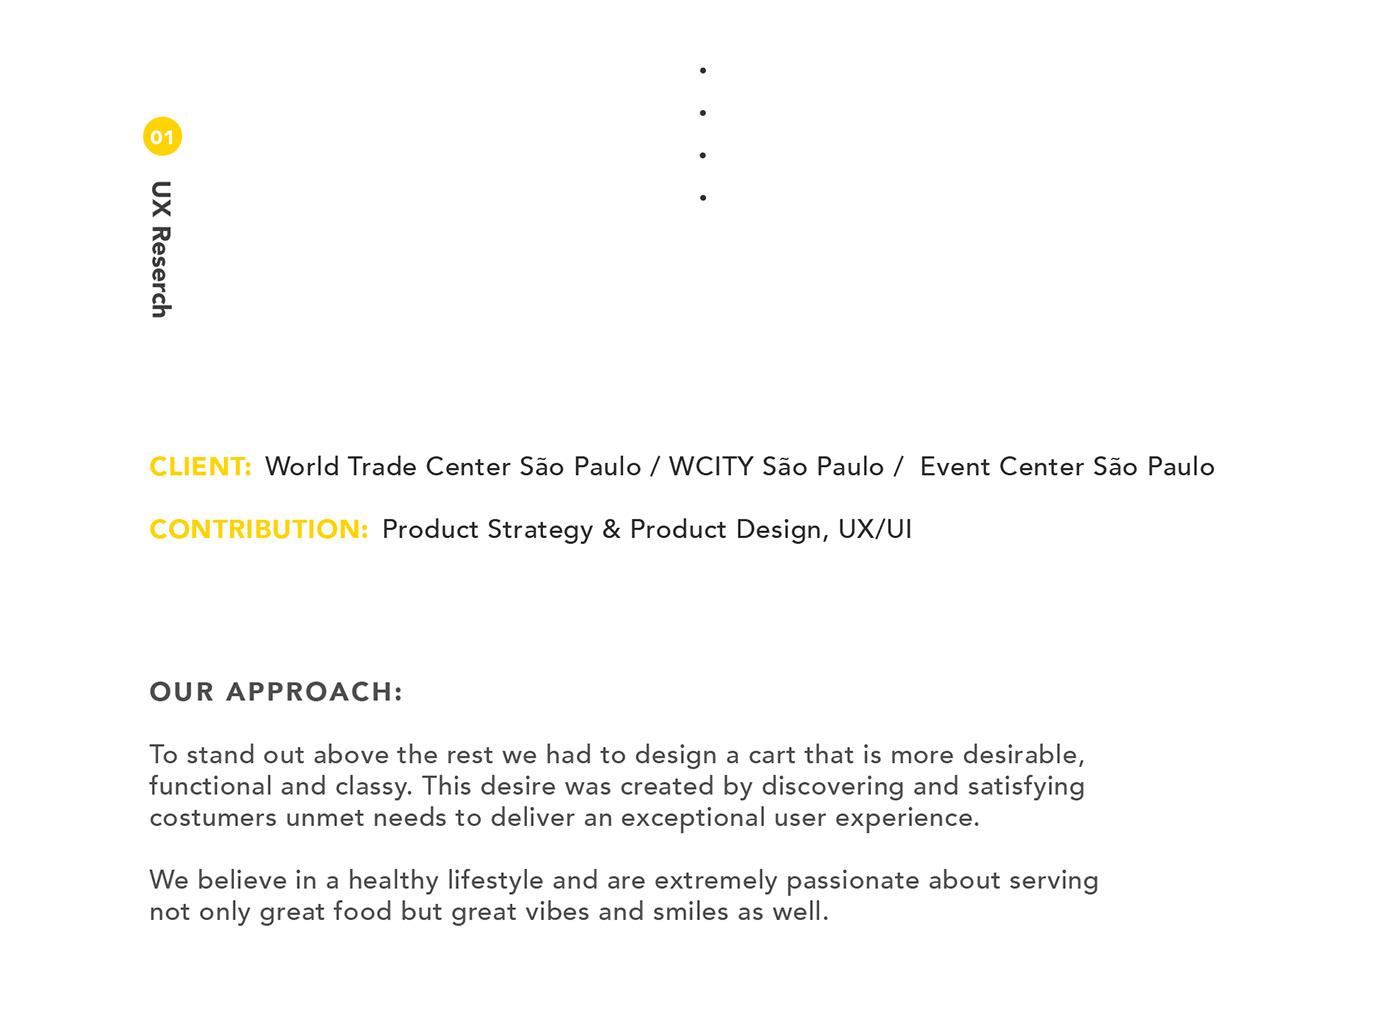 product design  Food  wtc sao paulo World Trade Center event center Bojana Knezevic UI ux app Web Design